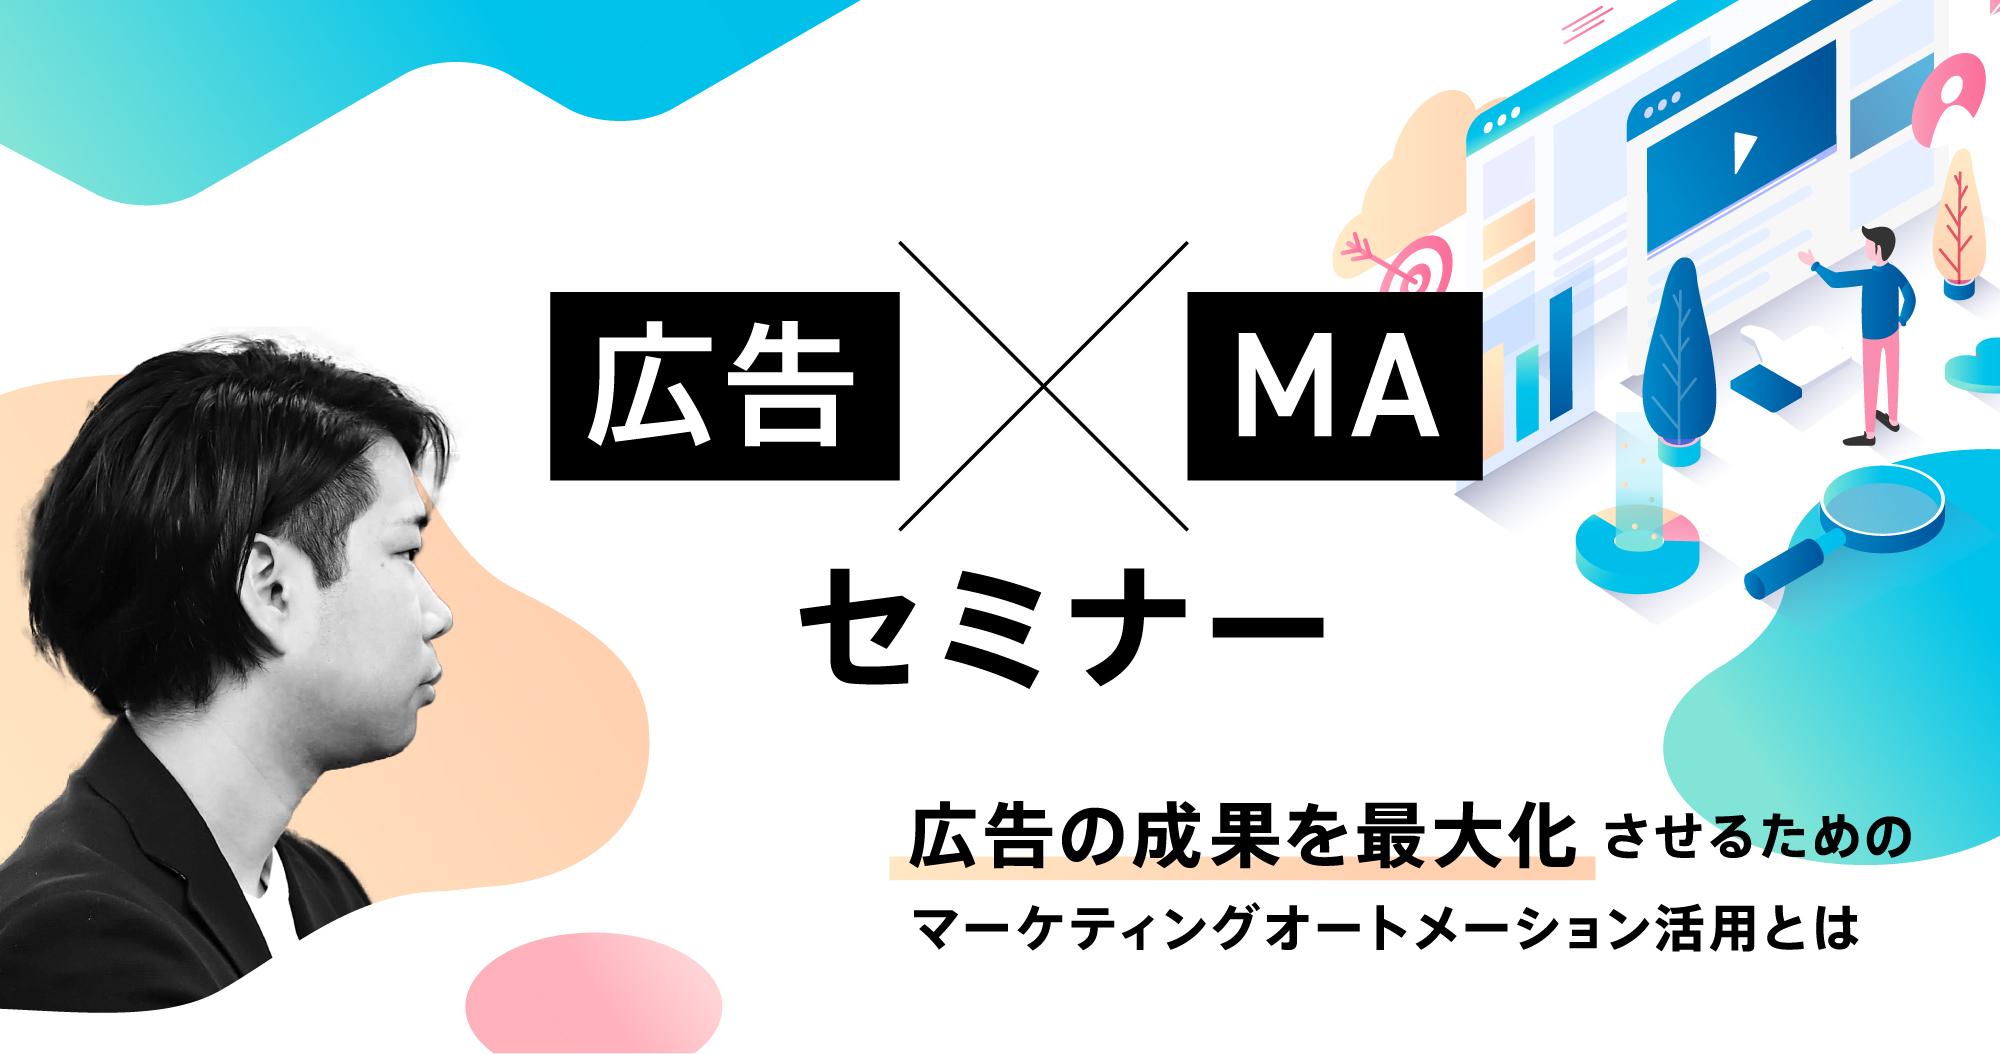 【5月19日(水)】AR×SNS活用で口コミを売上に!2021年に必要なトレンド販促方法とは?